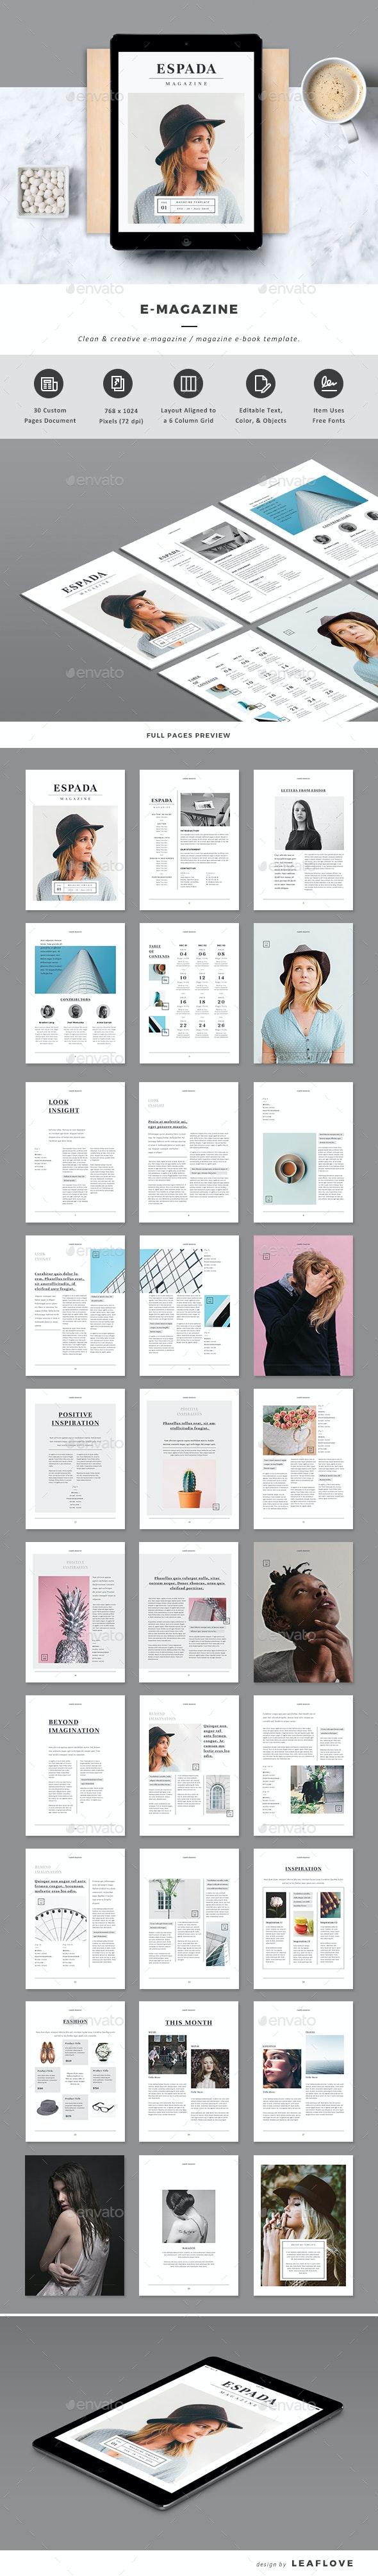 E-Magazine - Digital Magazines ePublishing